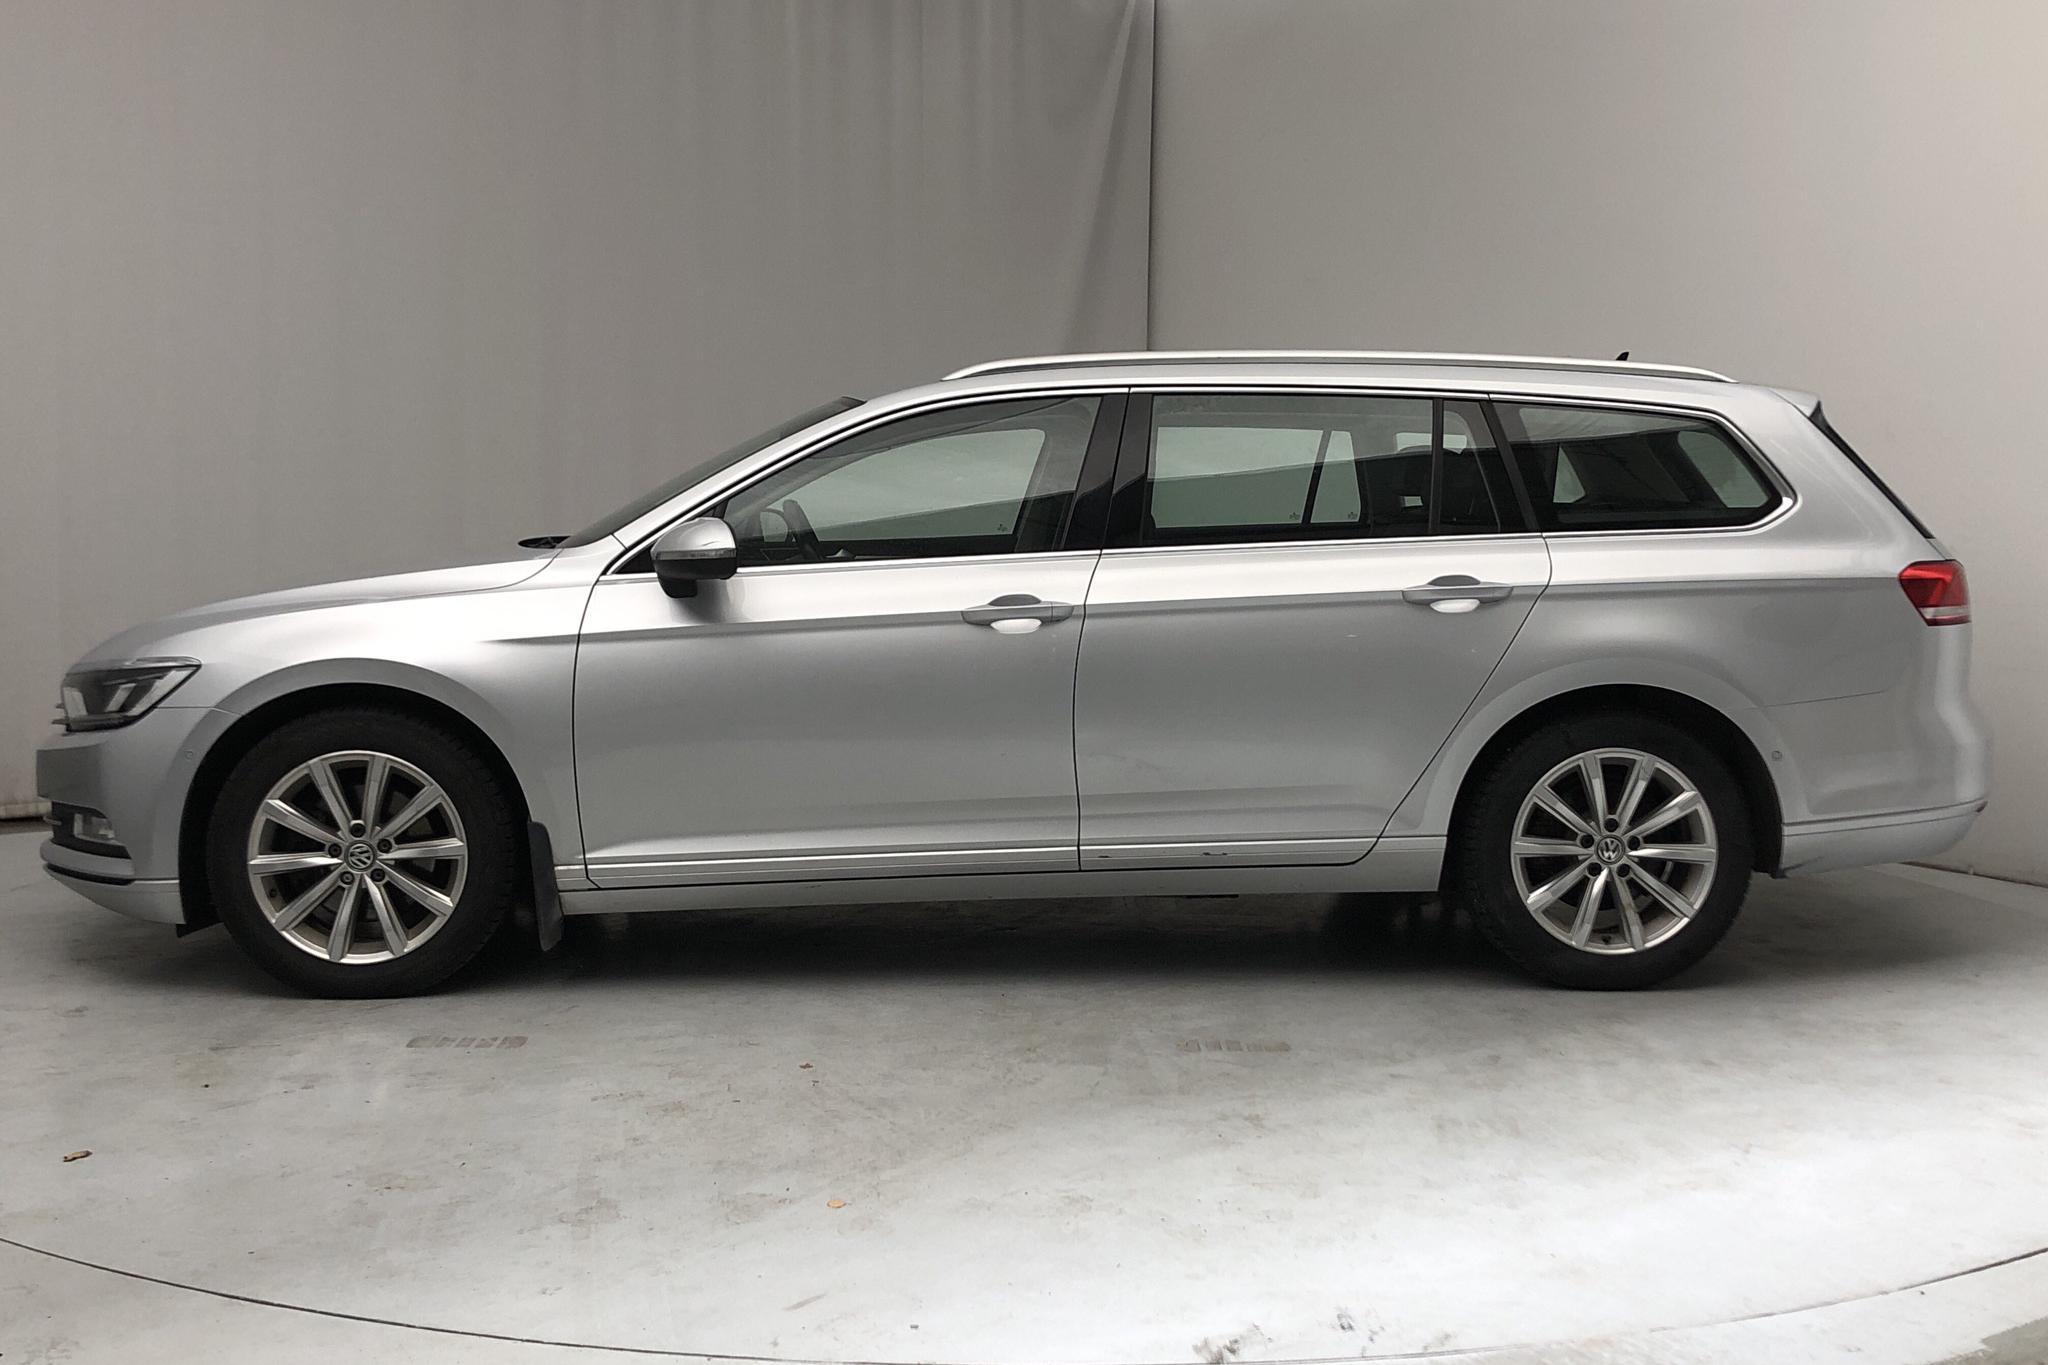 VW Passat 2.0 TDI Sportscombi (150hk) - 16 129 mil - Manuell - silver - 2015